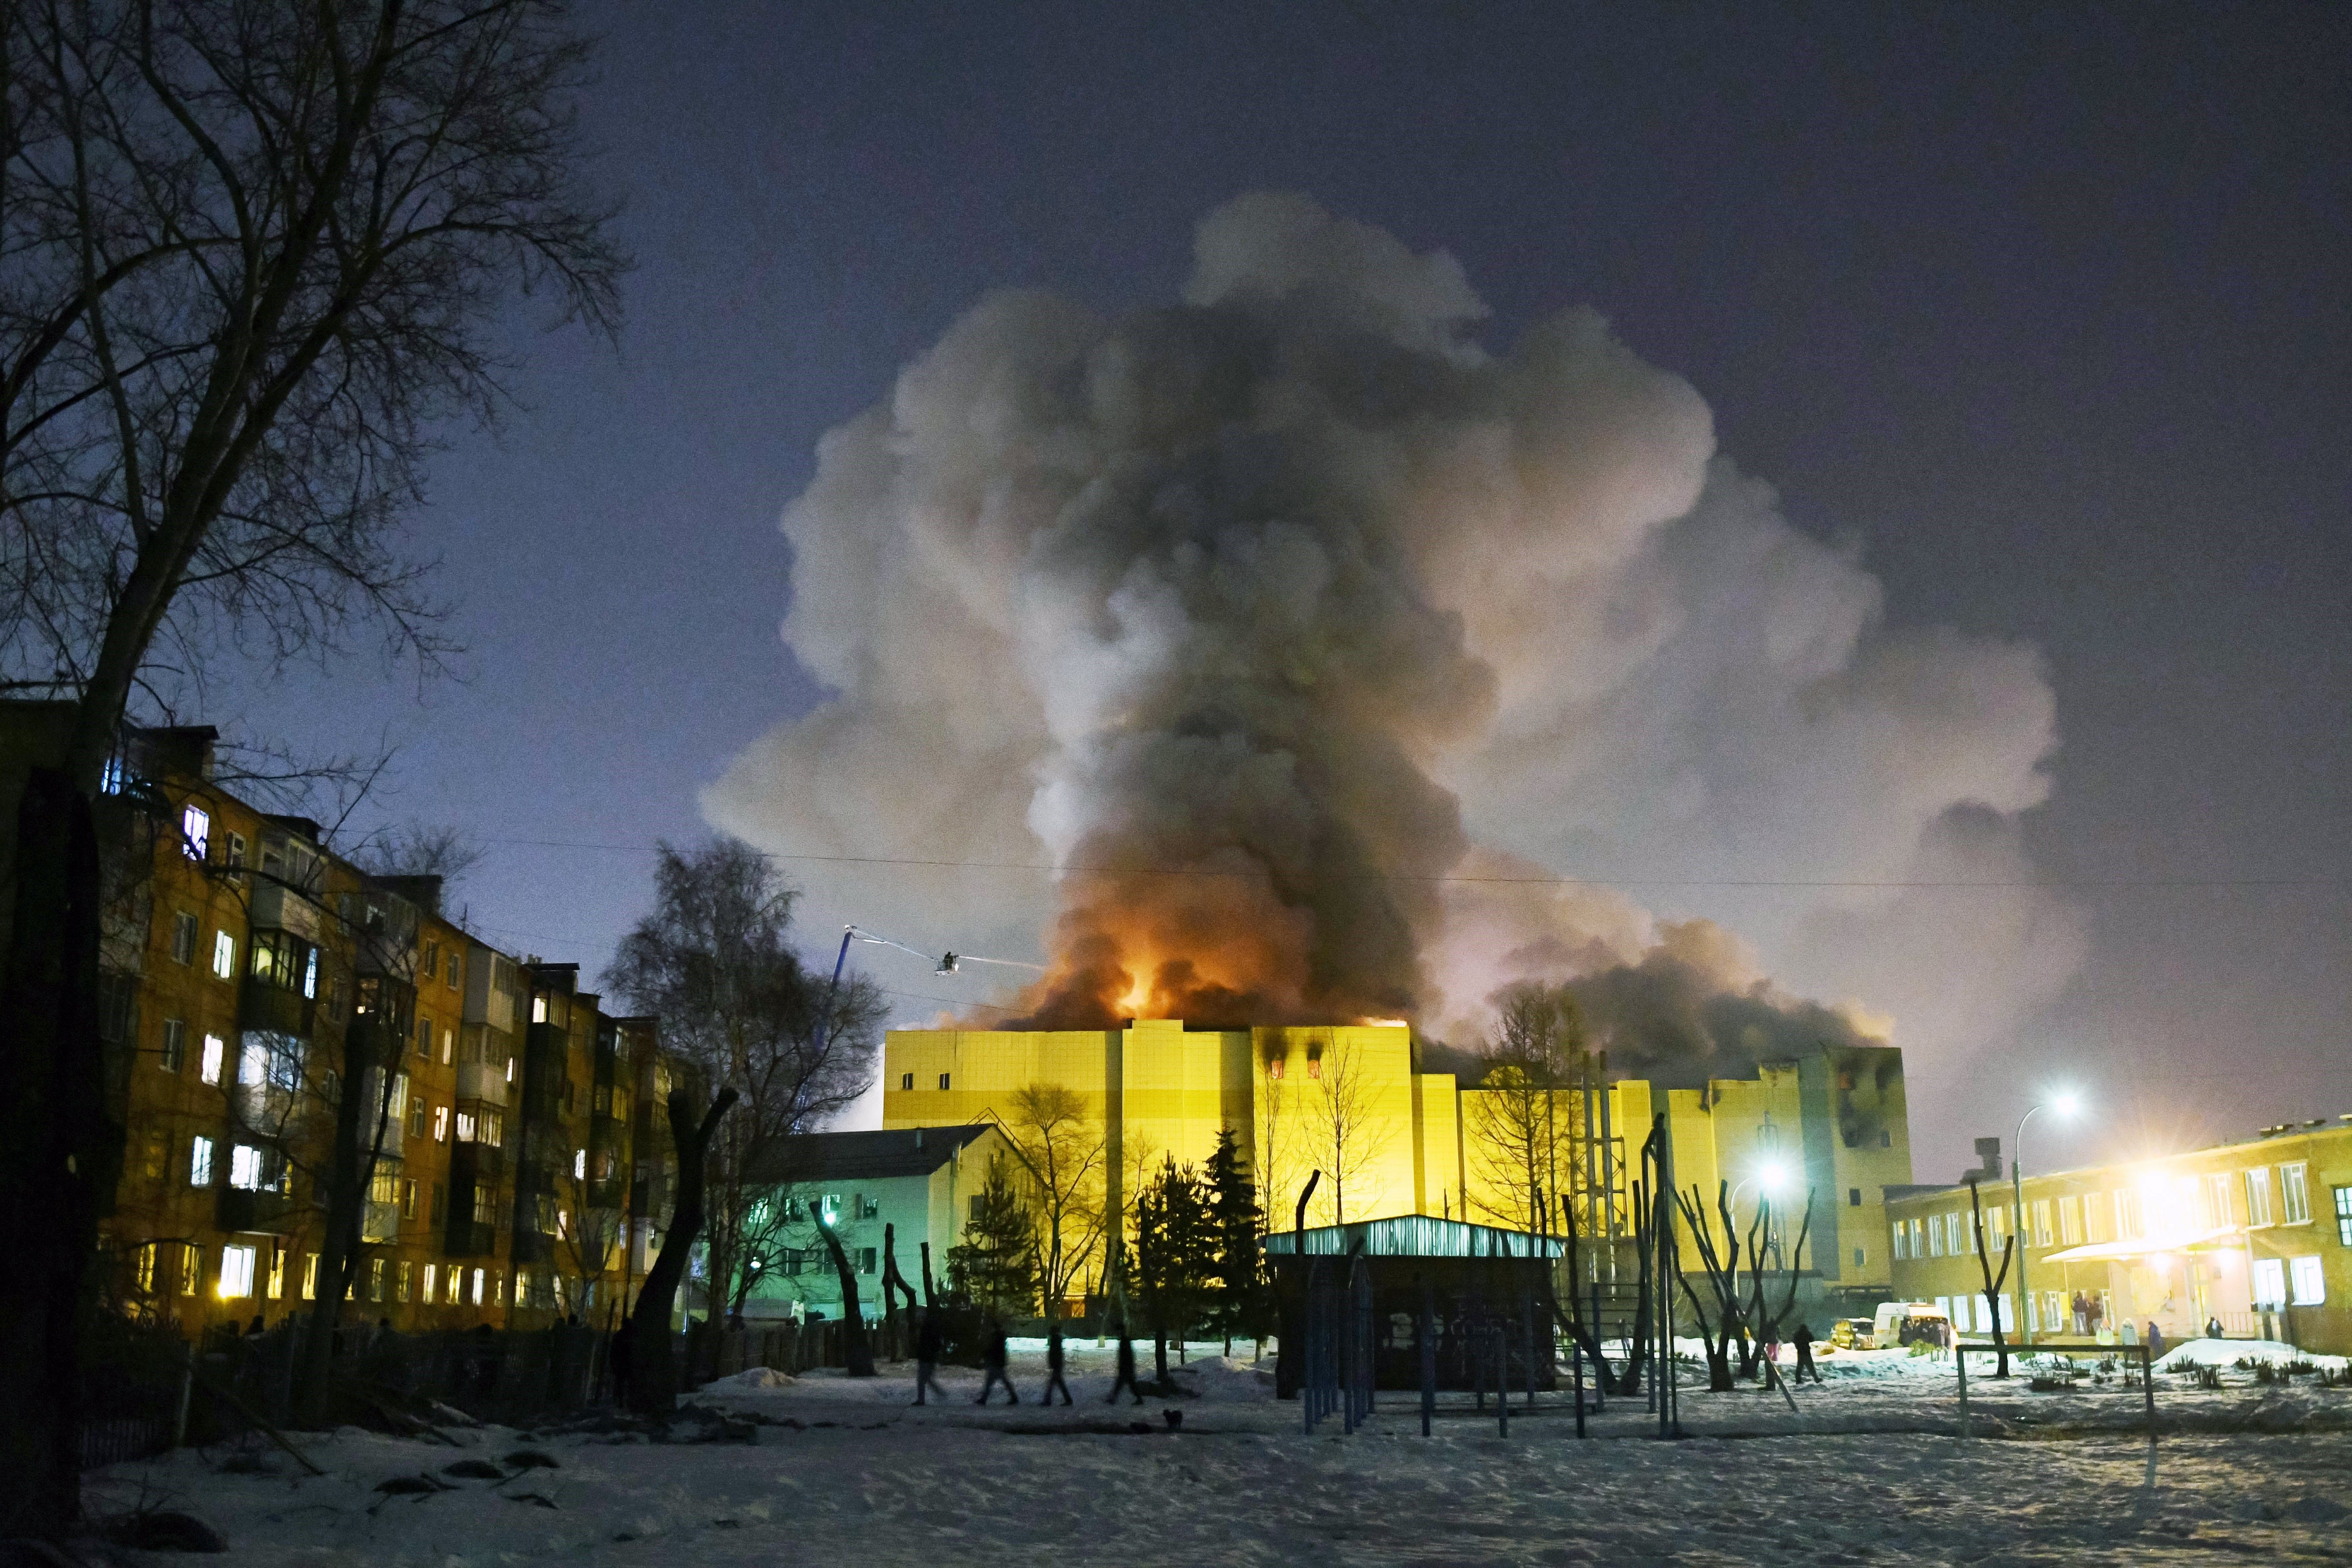 53 morts en un incendi a un centre comercial de Sibèria. /ALEXANDER PATRIN/A42.RU